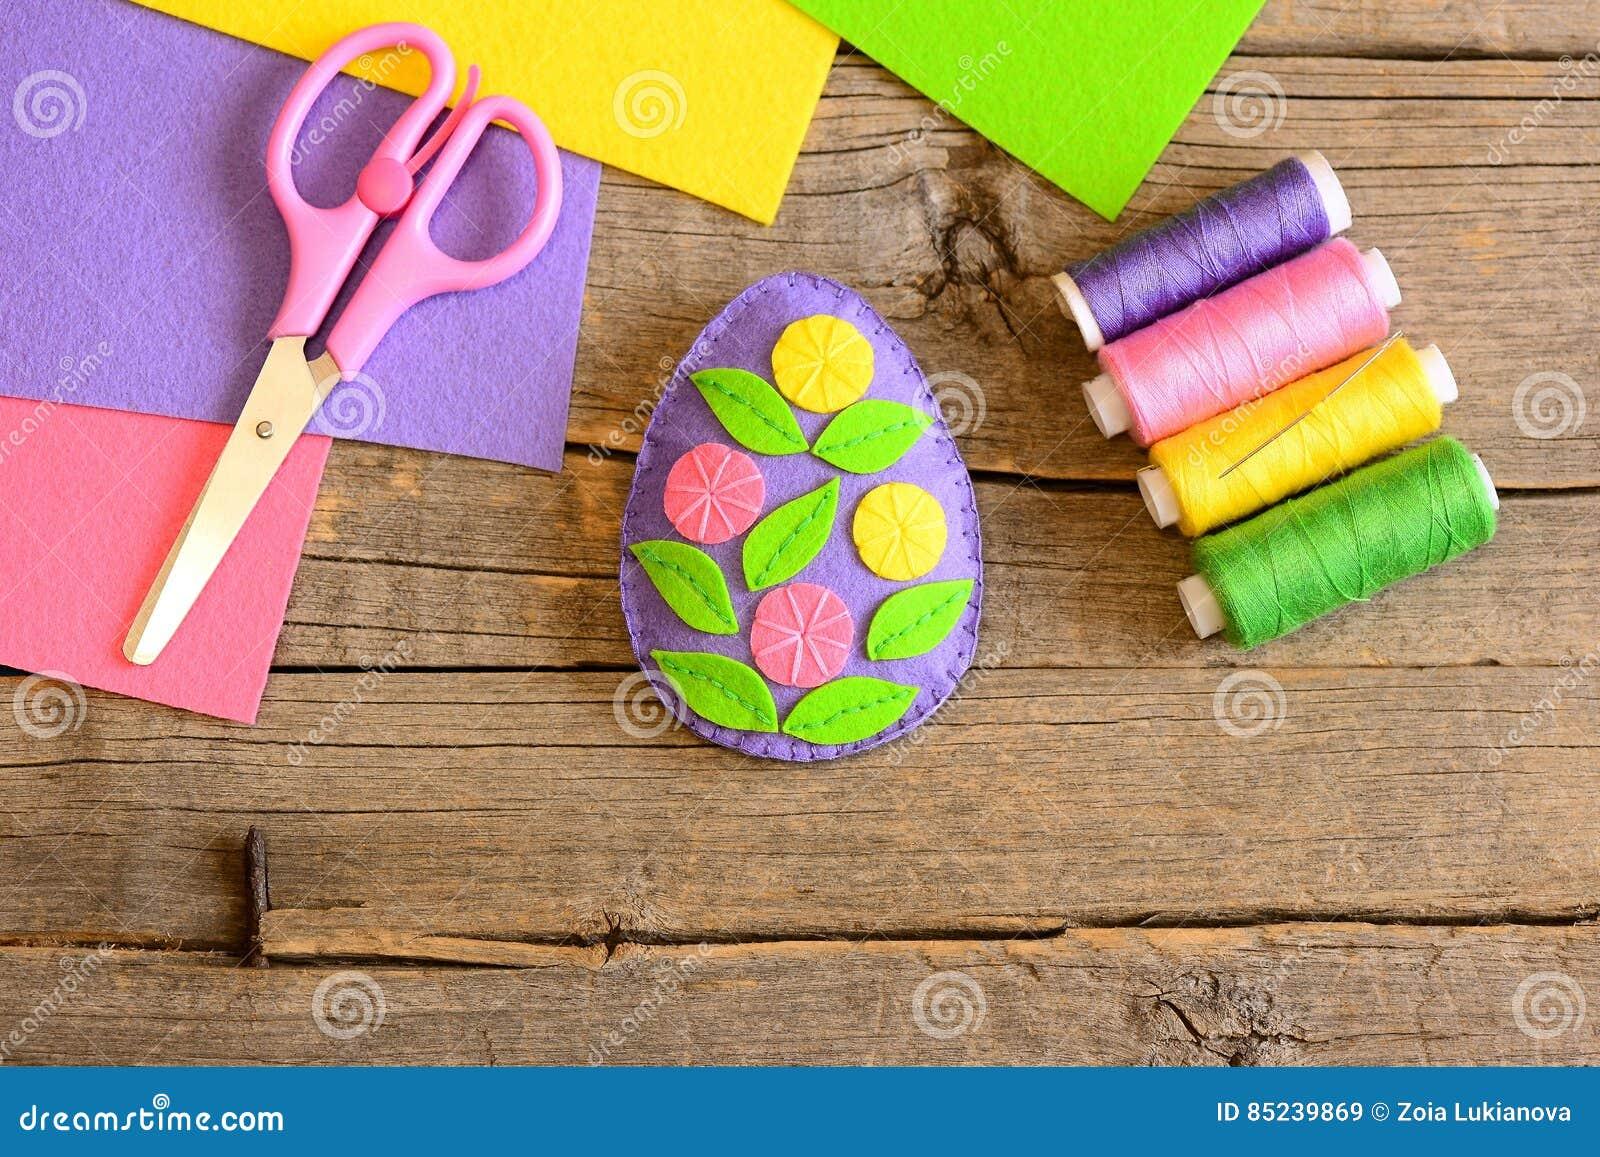 Filz Osterei Verziert Mit Blumen Und Blattern Einfache Ostern